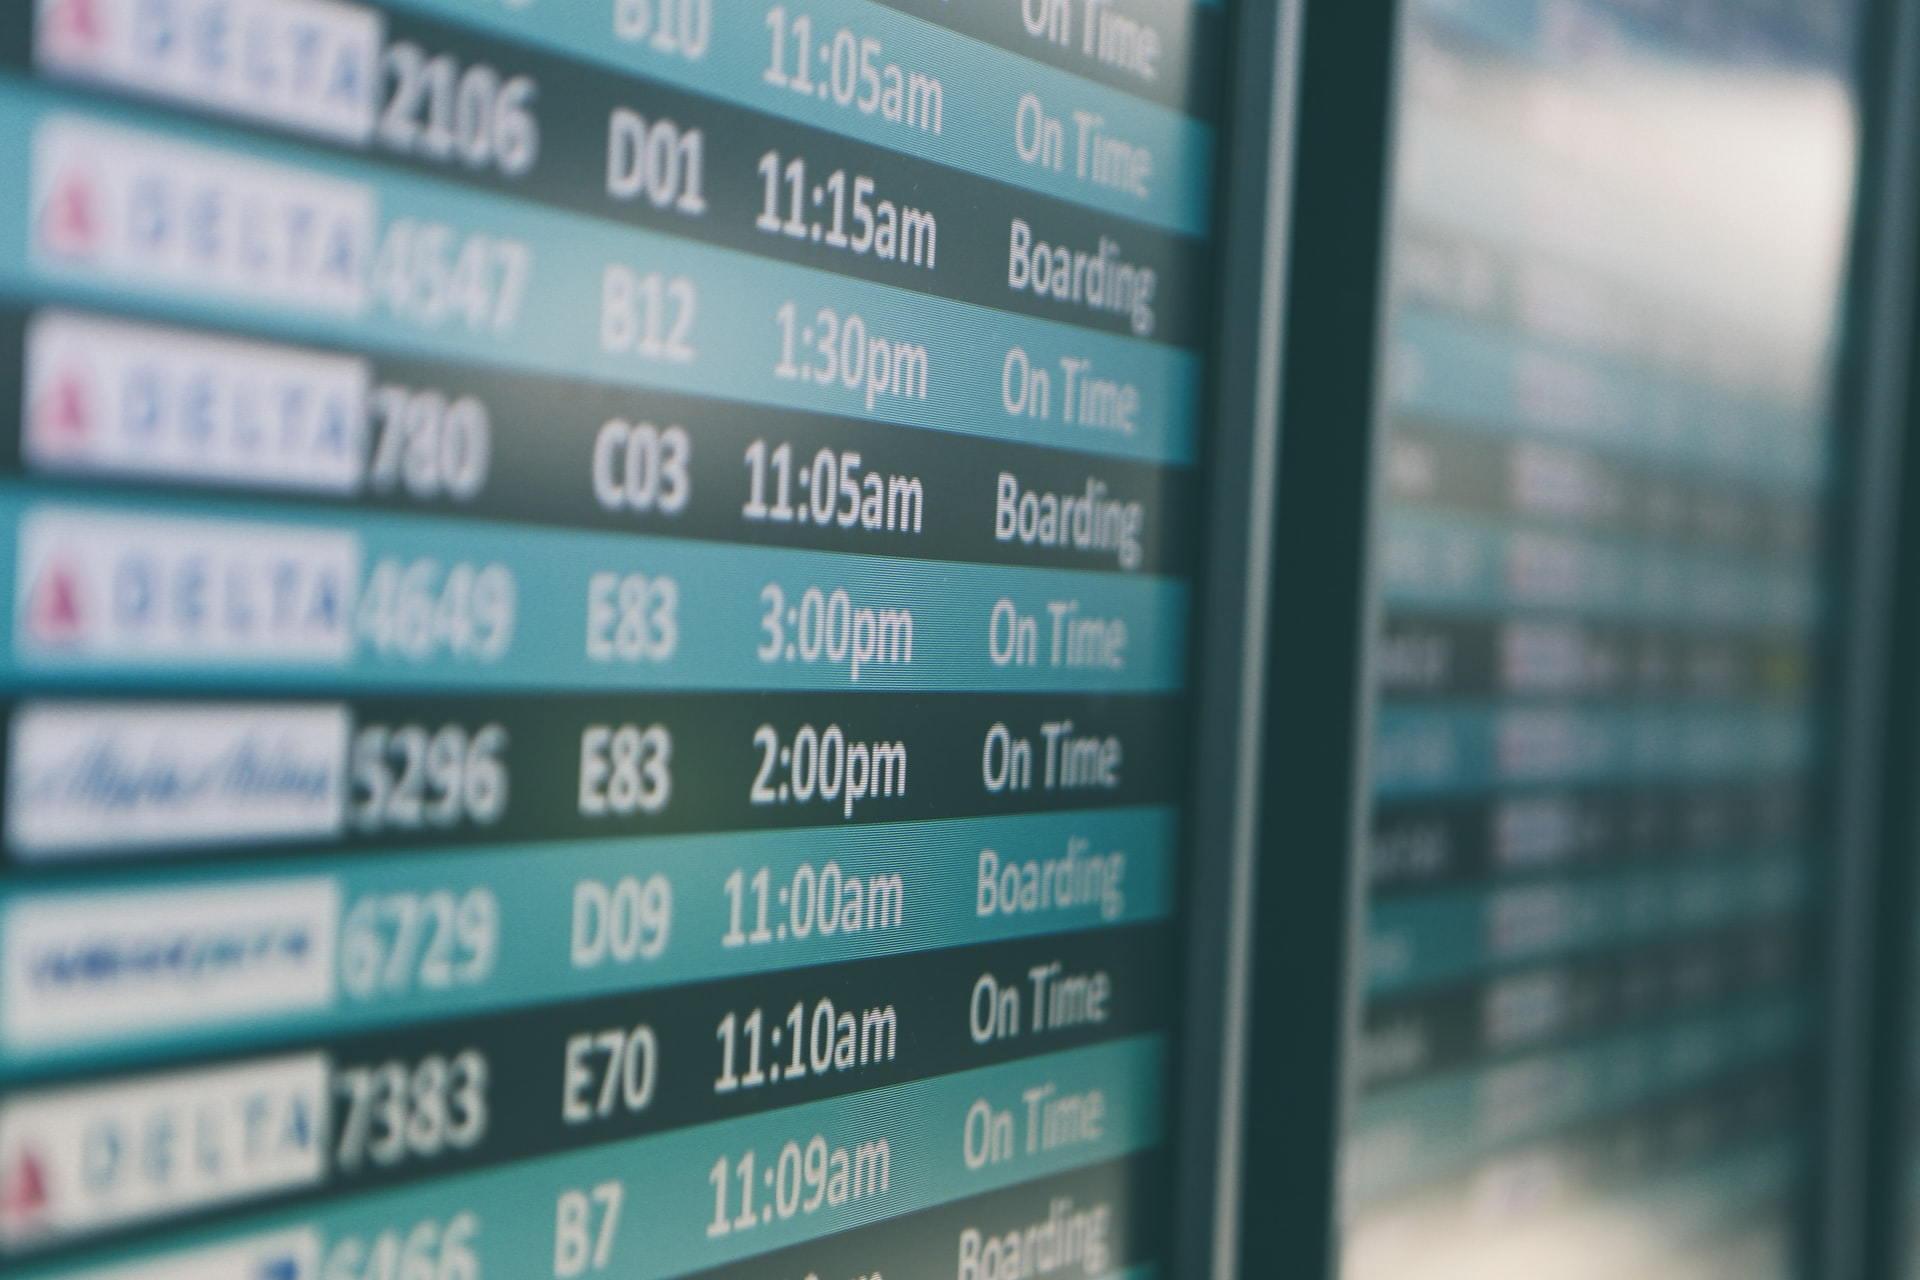 airline schedule